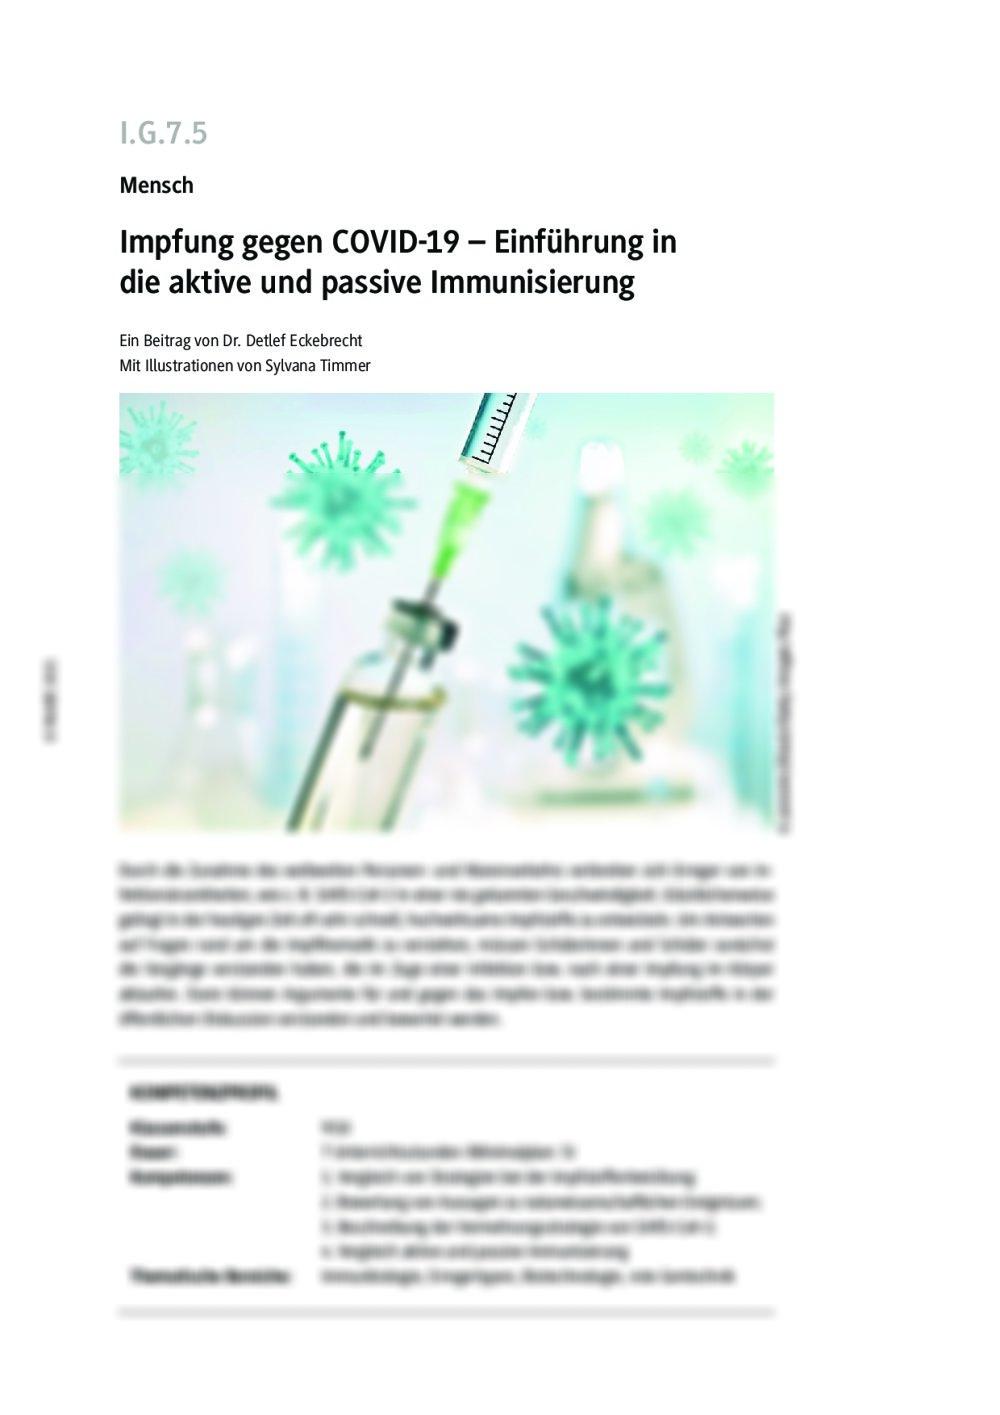 Impfung gegen COVID-19 - Seite 1